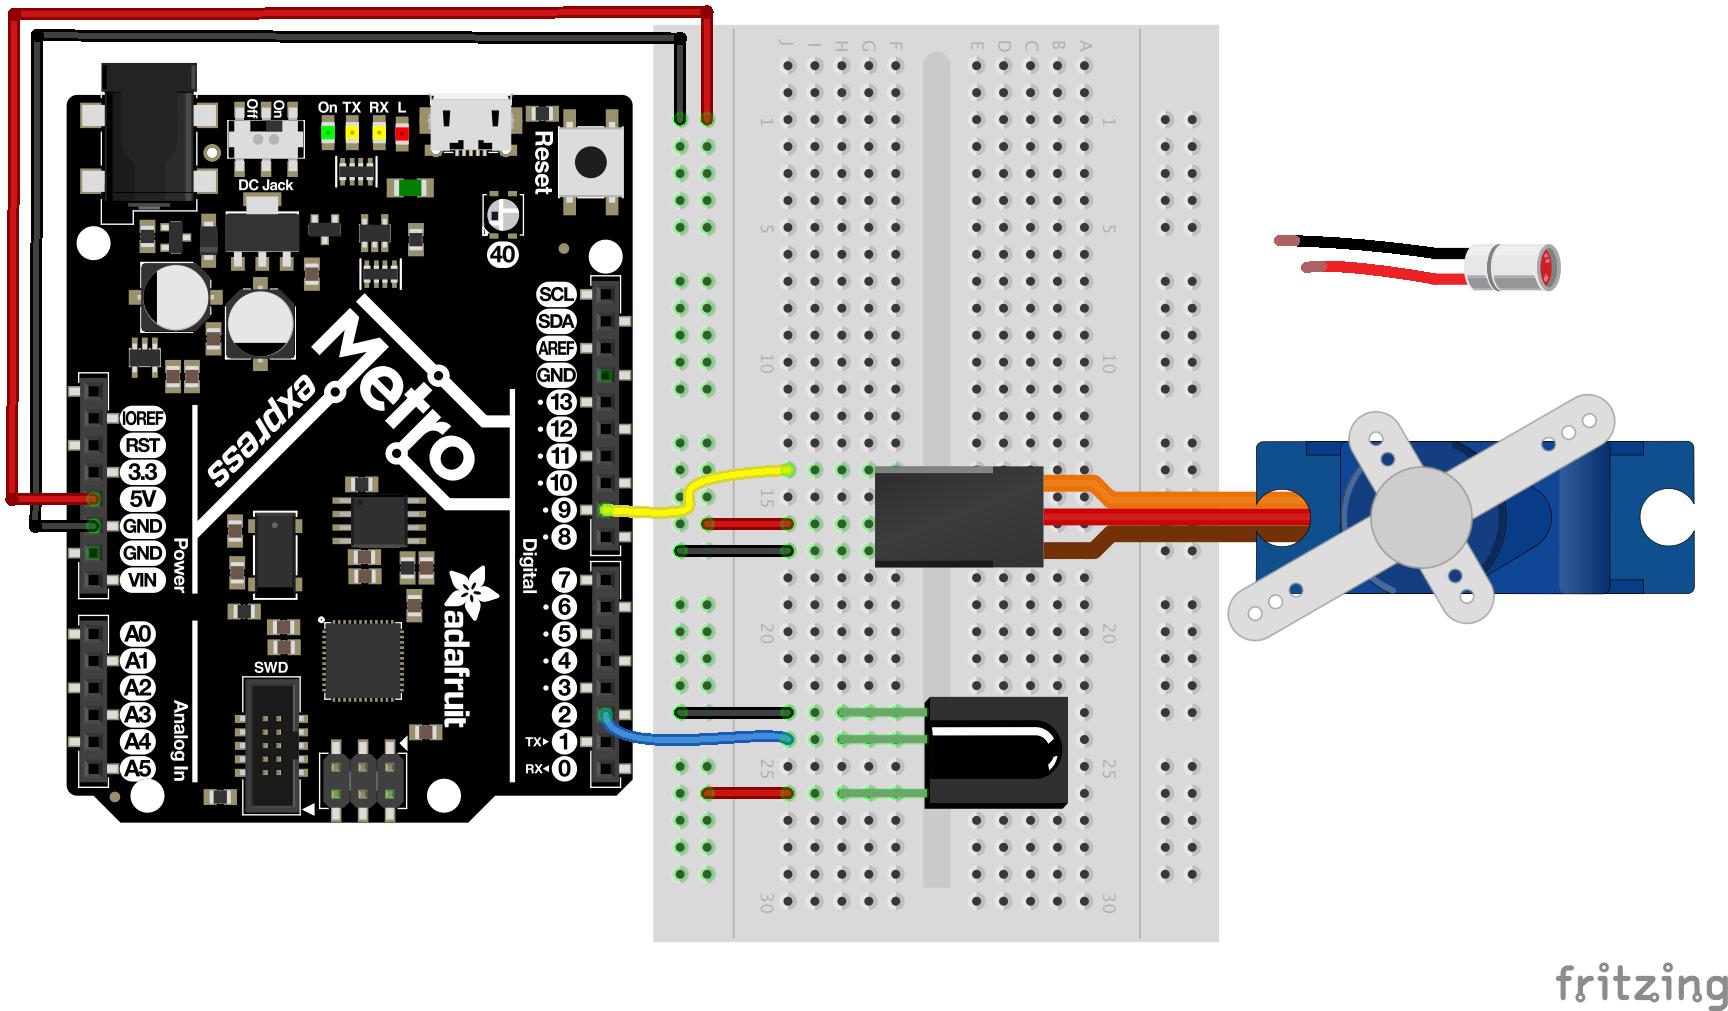 sensors_adafruit_products_PROJ06_bb-no-opt.png